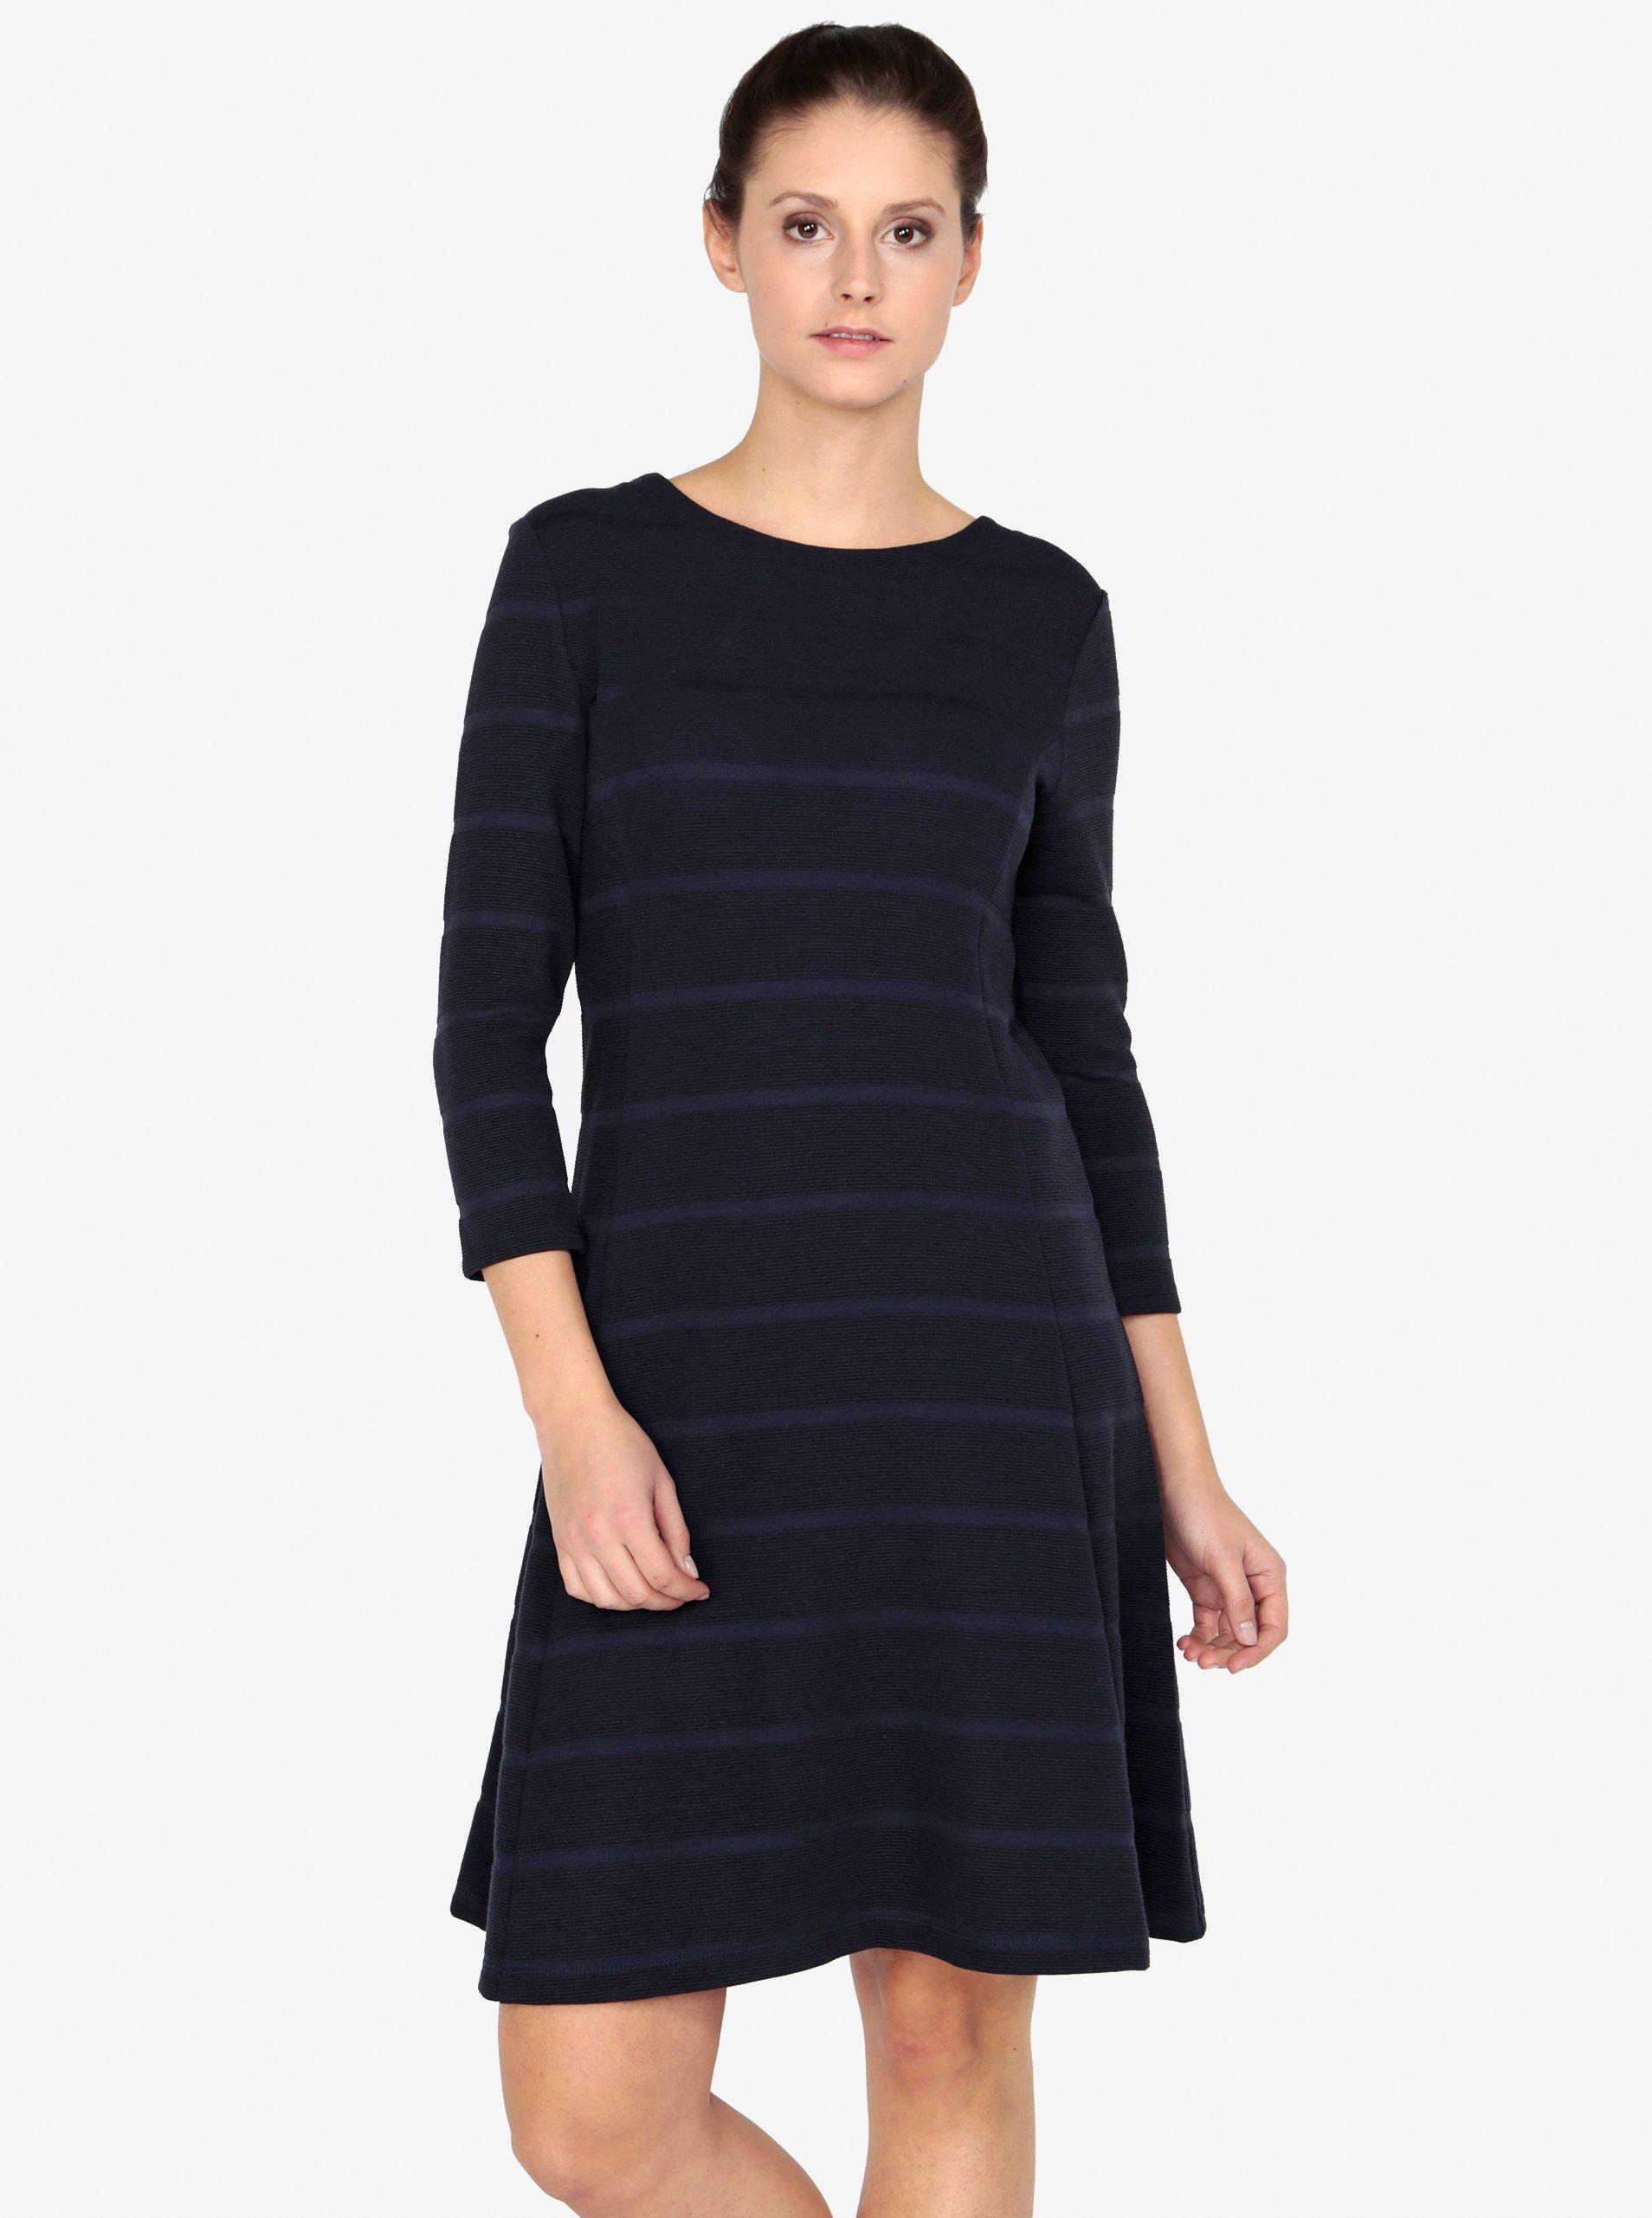 Tmavomodré pruhované šaty s 3 4 rukávom s.Oliver ab968afd51f